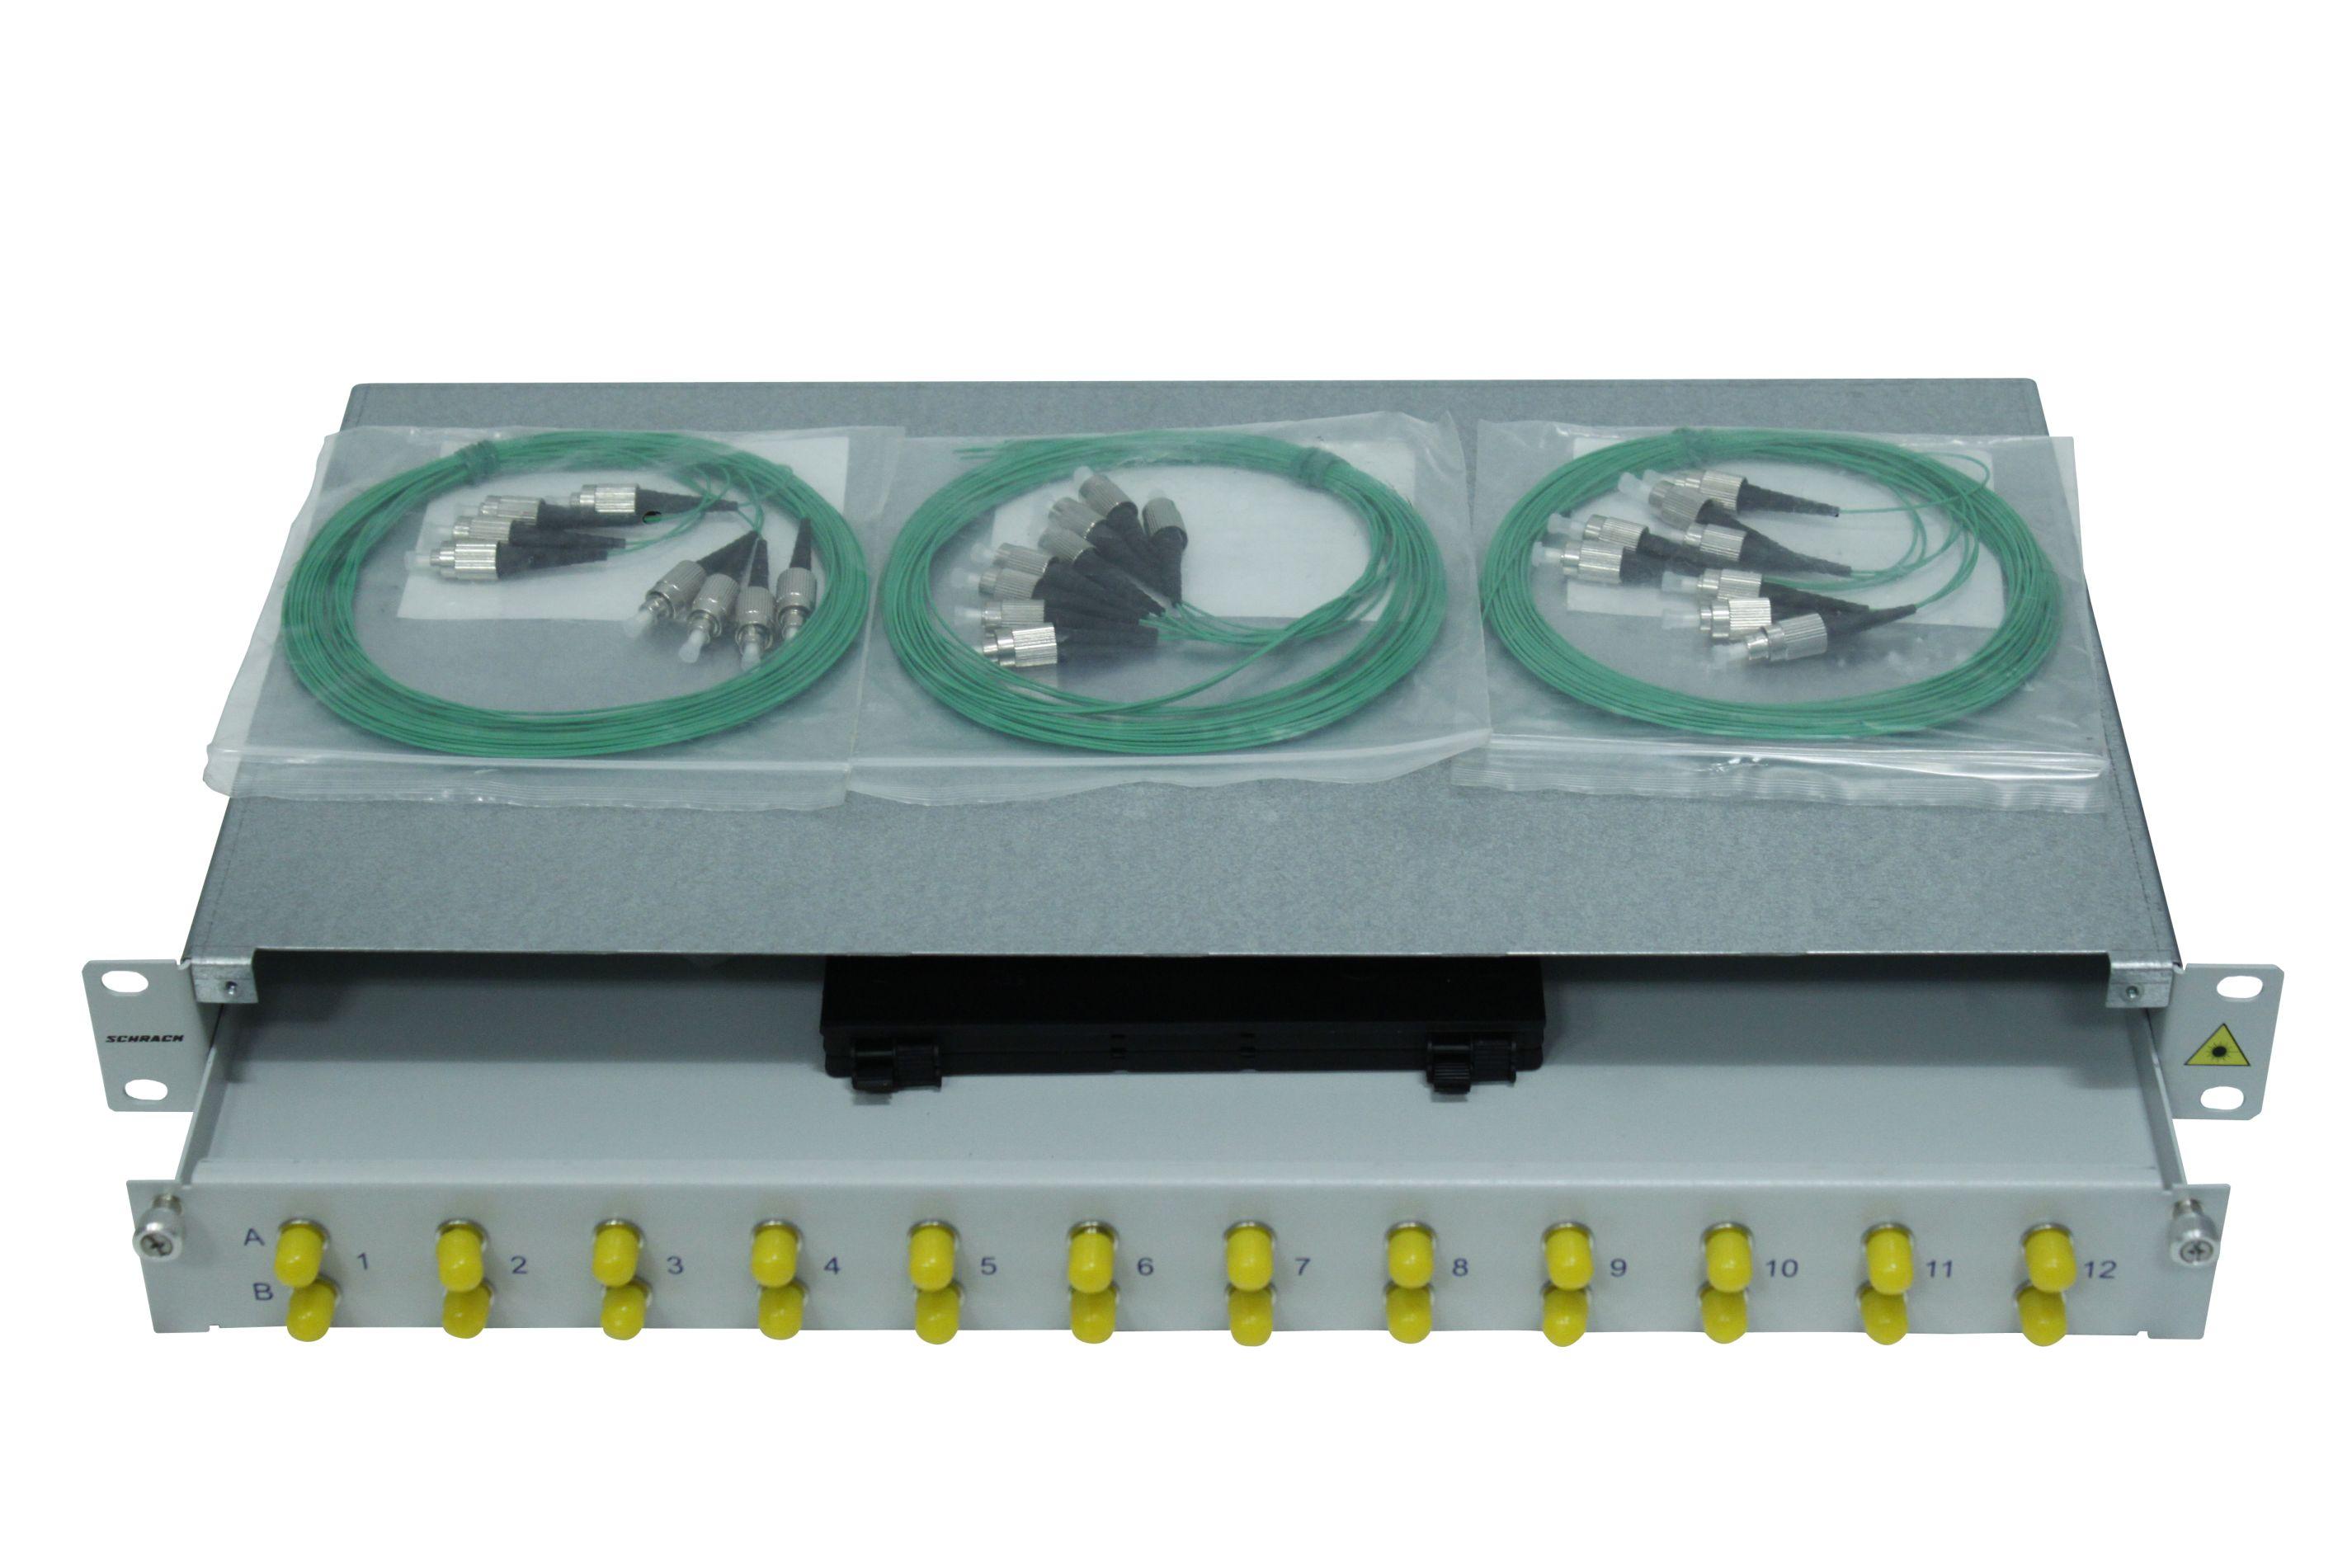 1 Stk LWL Spleißbox,16Fasern,FC,62,5/125µm OM1, ausziehb,19,1HE HSELS166FG